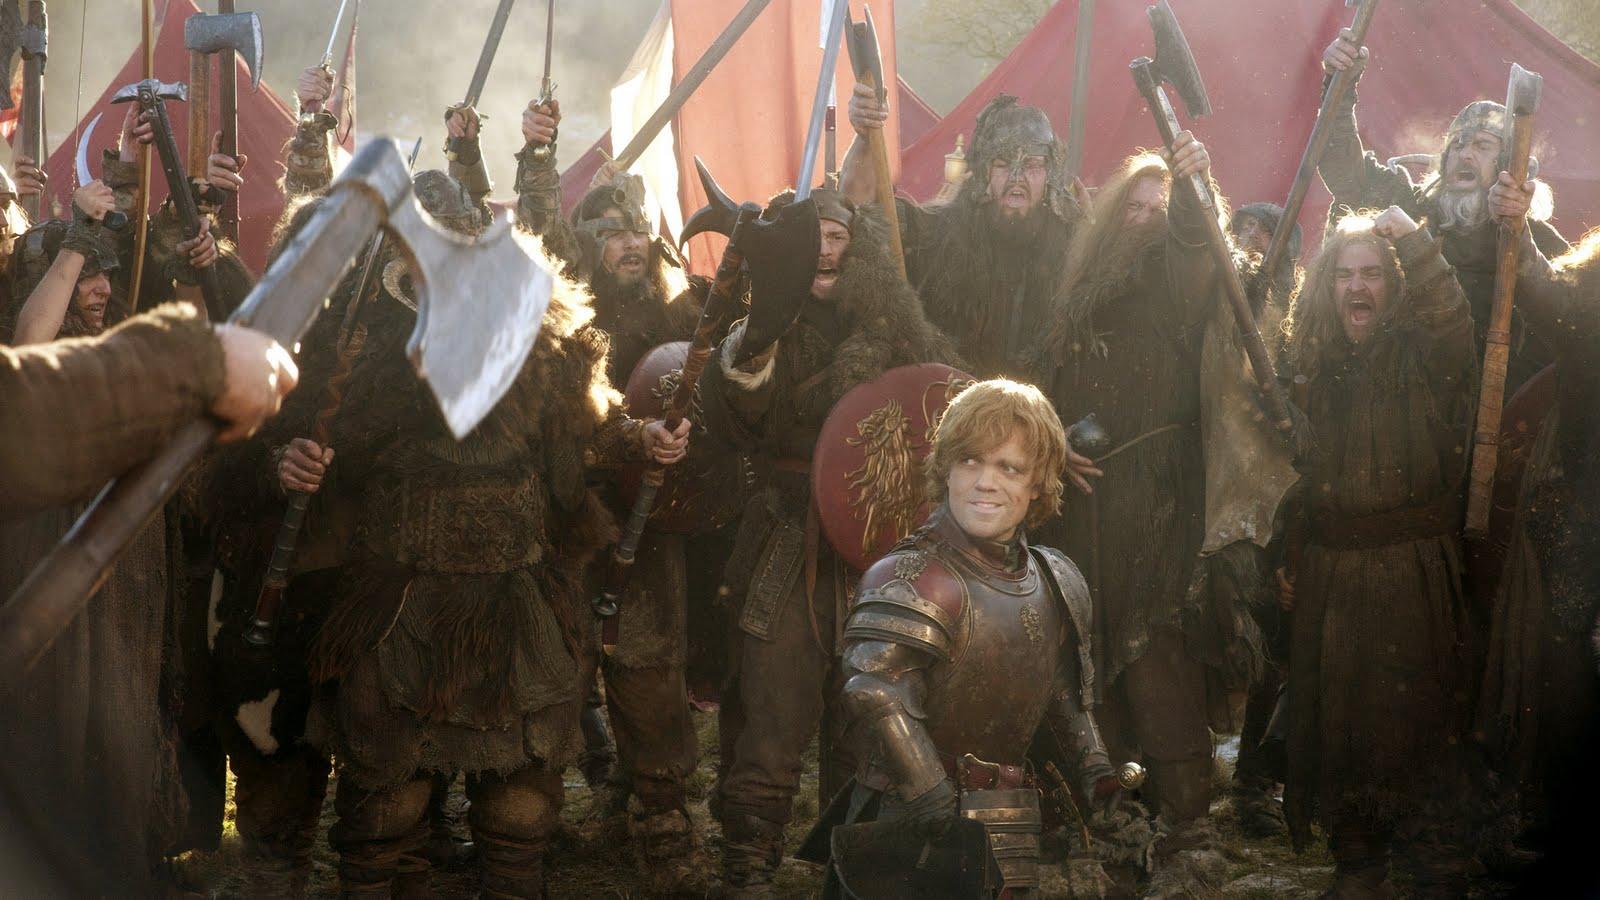 historias de tronos 25 maio 2016  a história de hodor, desvendada no último episódio da guerra dos tronos,  veio da cabeça do próprio george rr martin num vídeo, os.